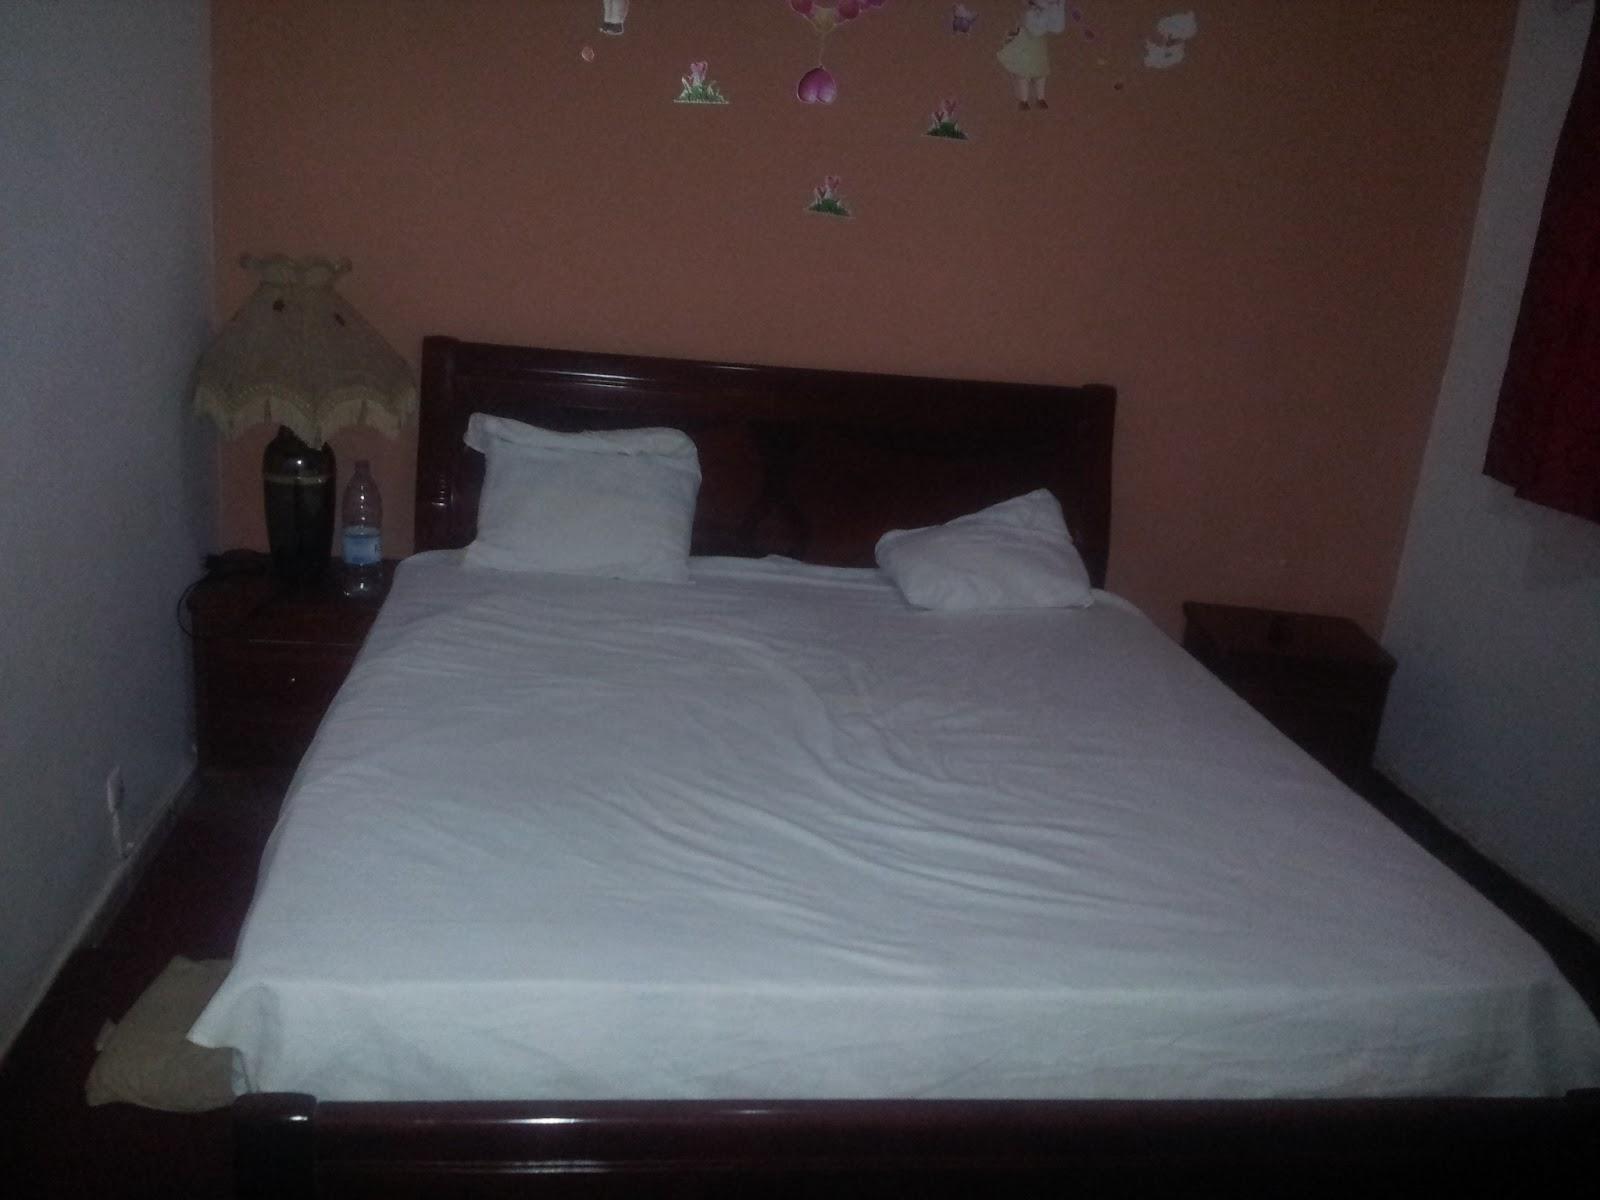 3 chambres salon meublés à nord foire, dakar à 61euros la nuitée ...